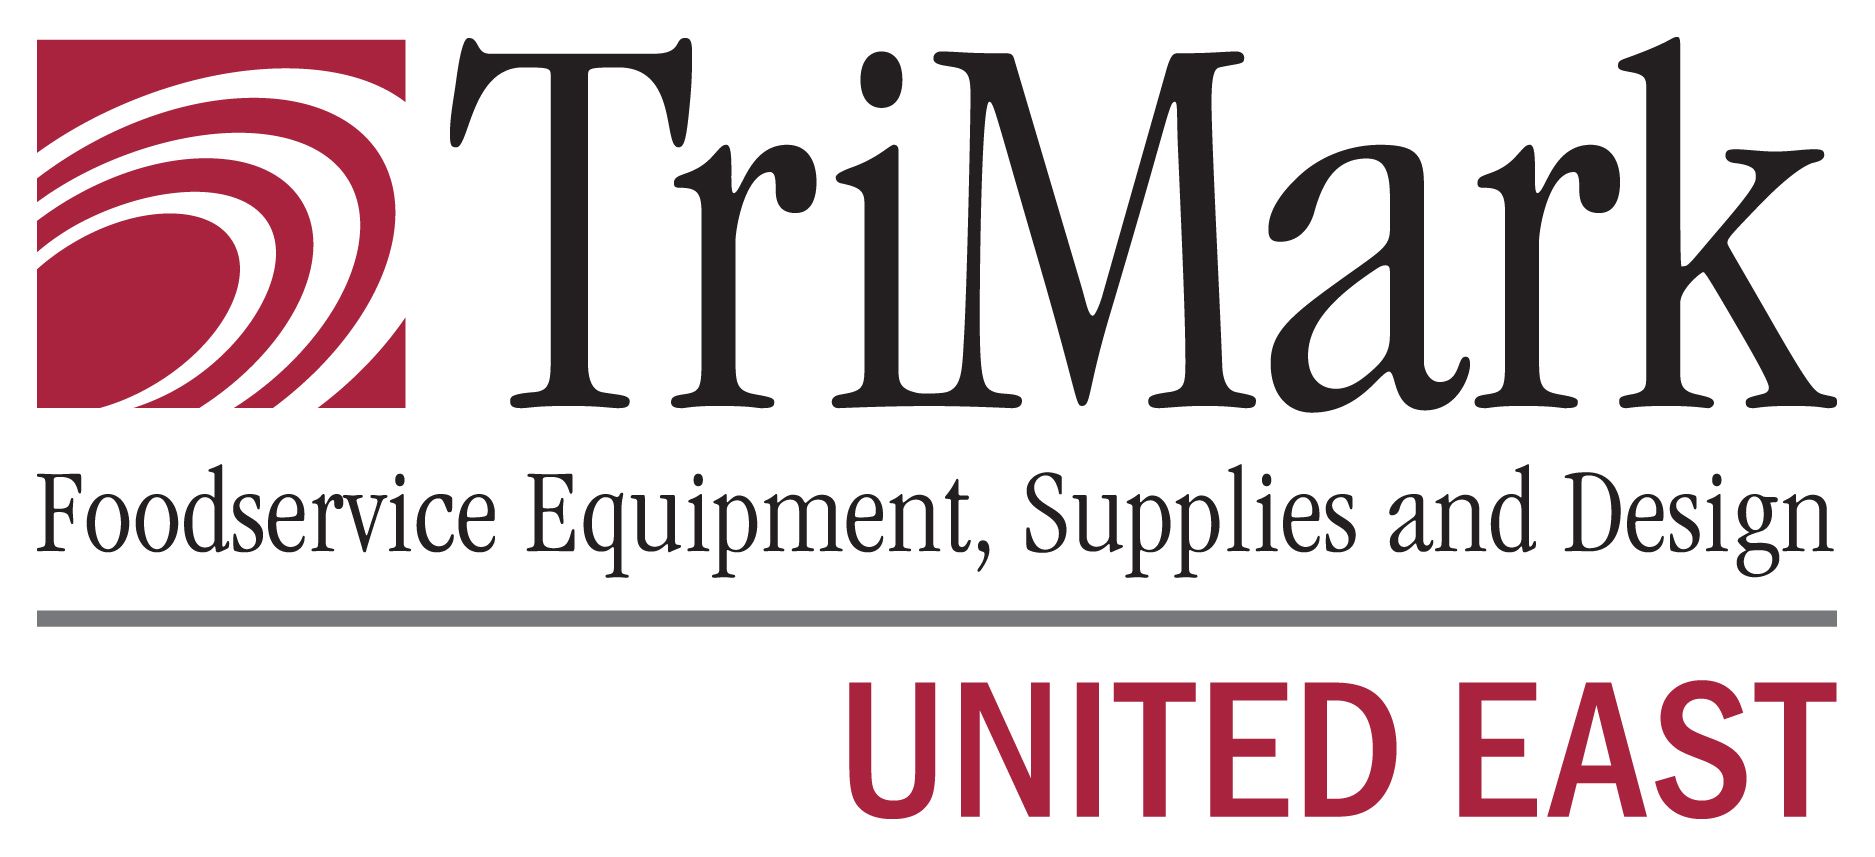 TriMark_UnitedEast.jpg